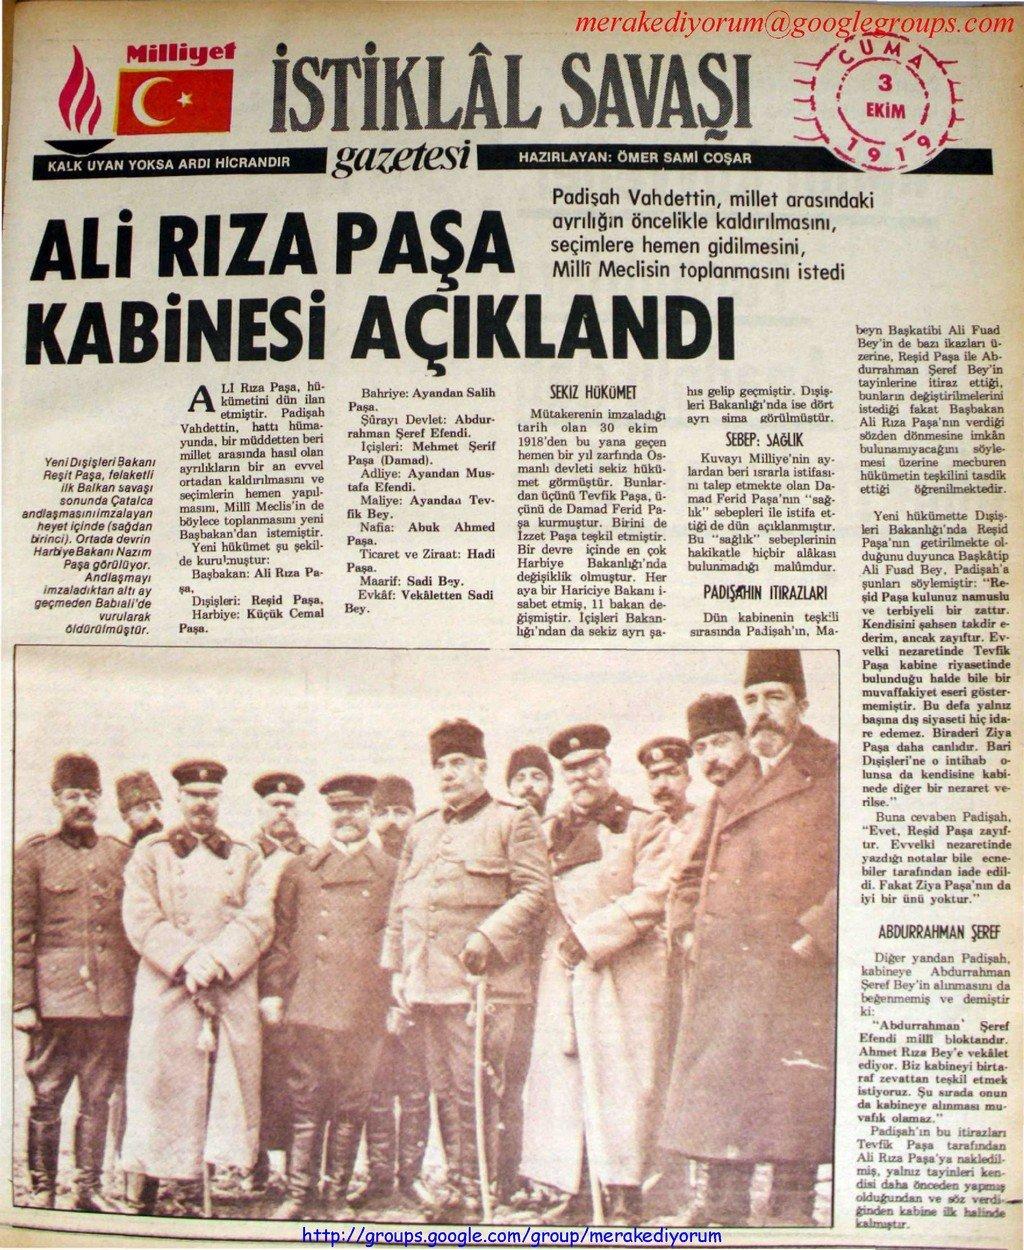 istiklal savaşı gazetesi - 3 ekim 1919